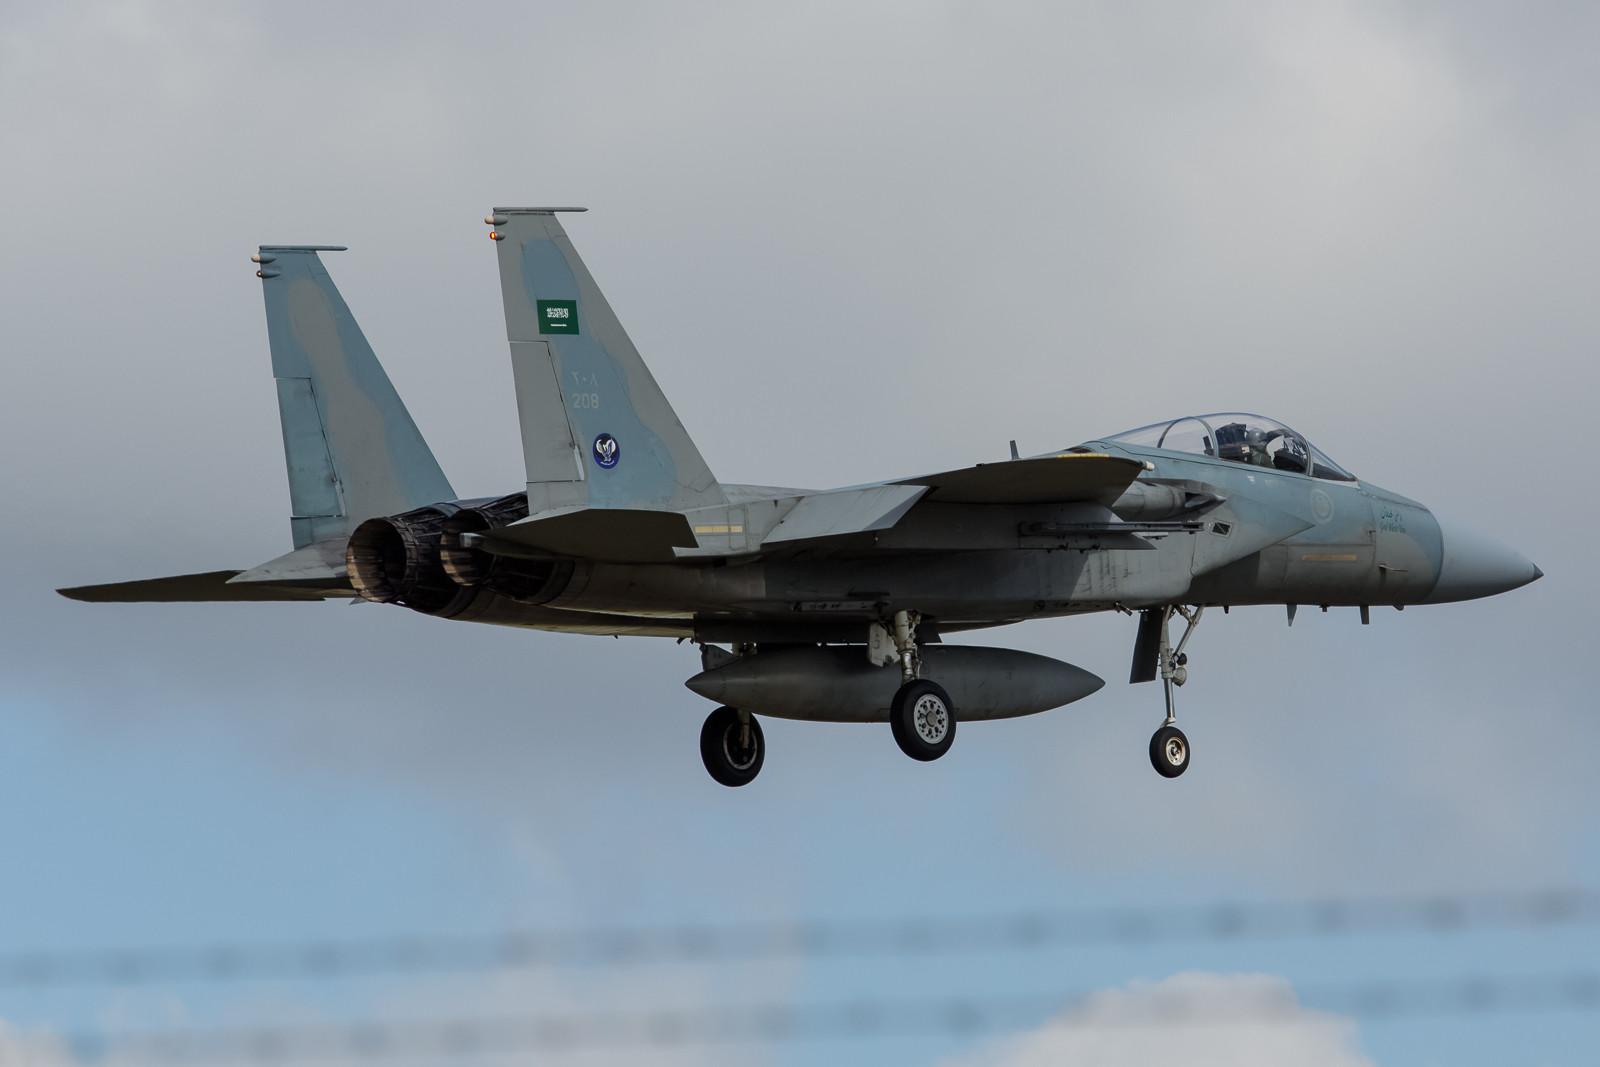 Knapp über dem Zaun erwischt die 208, ebenfalls eine F-15C.